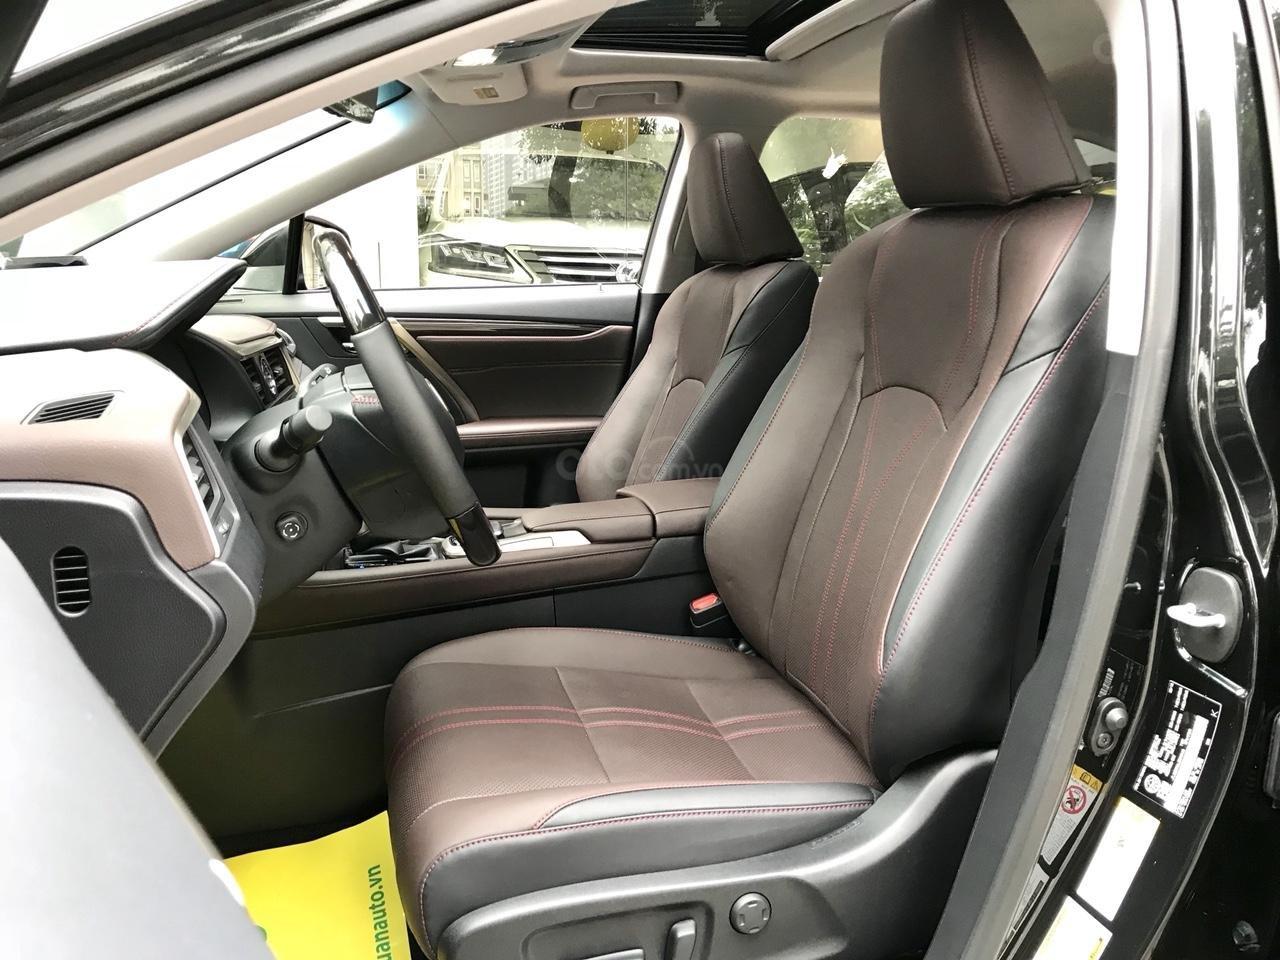 Bán Lexus RX R350L 2018, màu đen, 6 chỗ, nhập khẩu Mỹ - Mr Huân 0981.0101.61-18